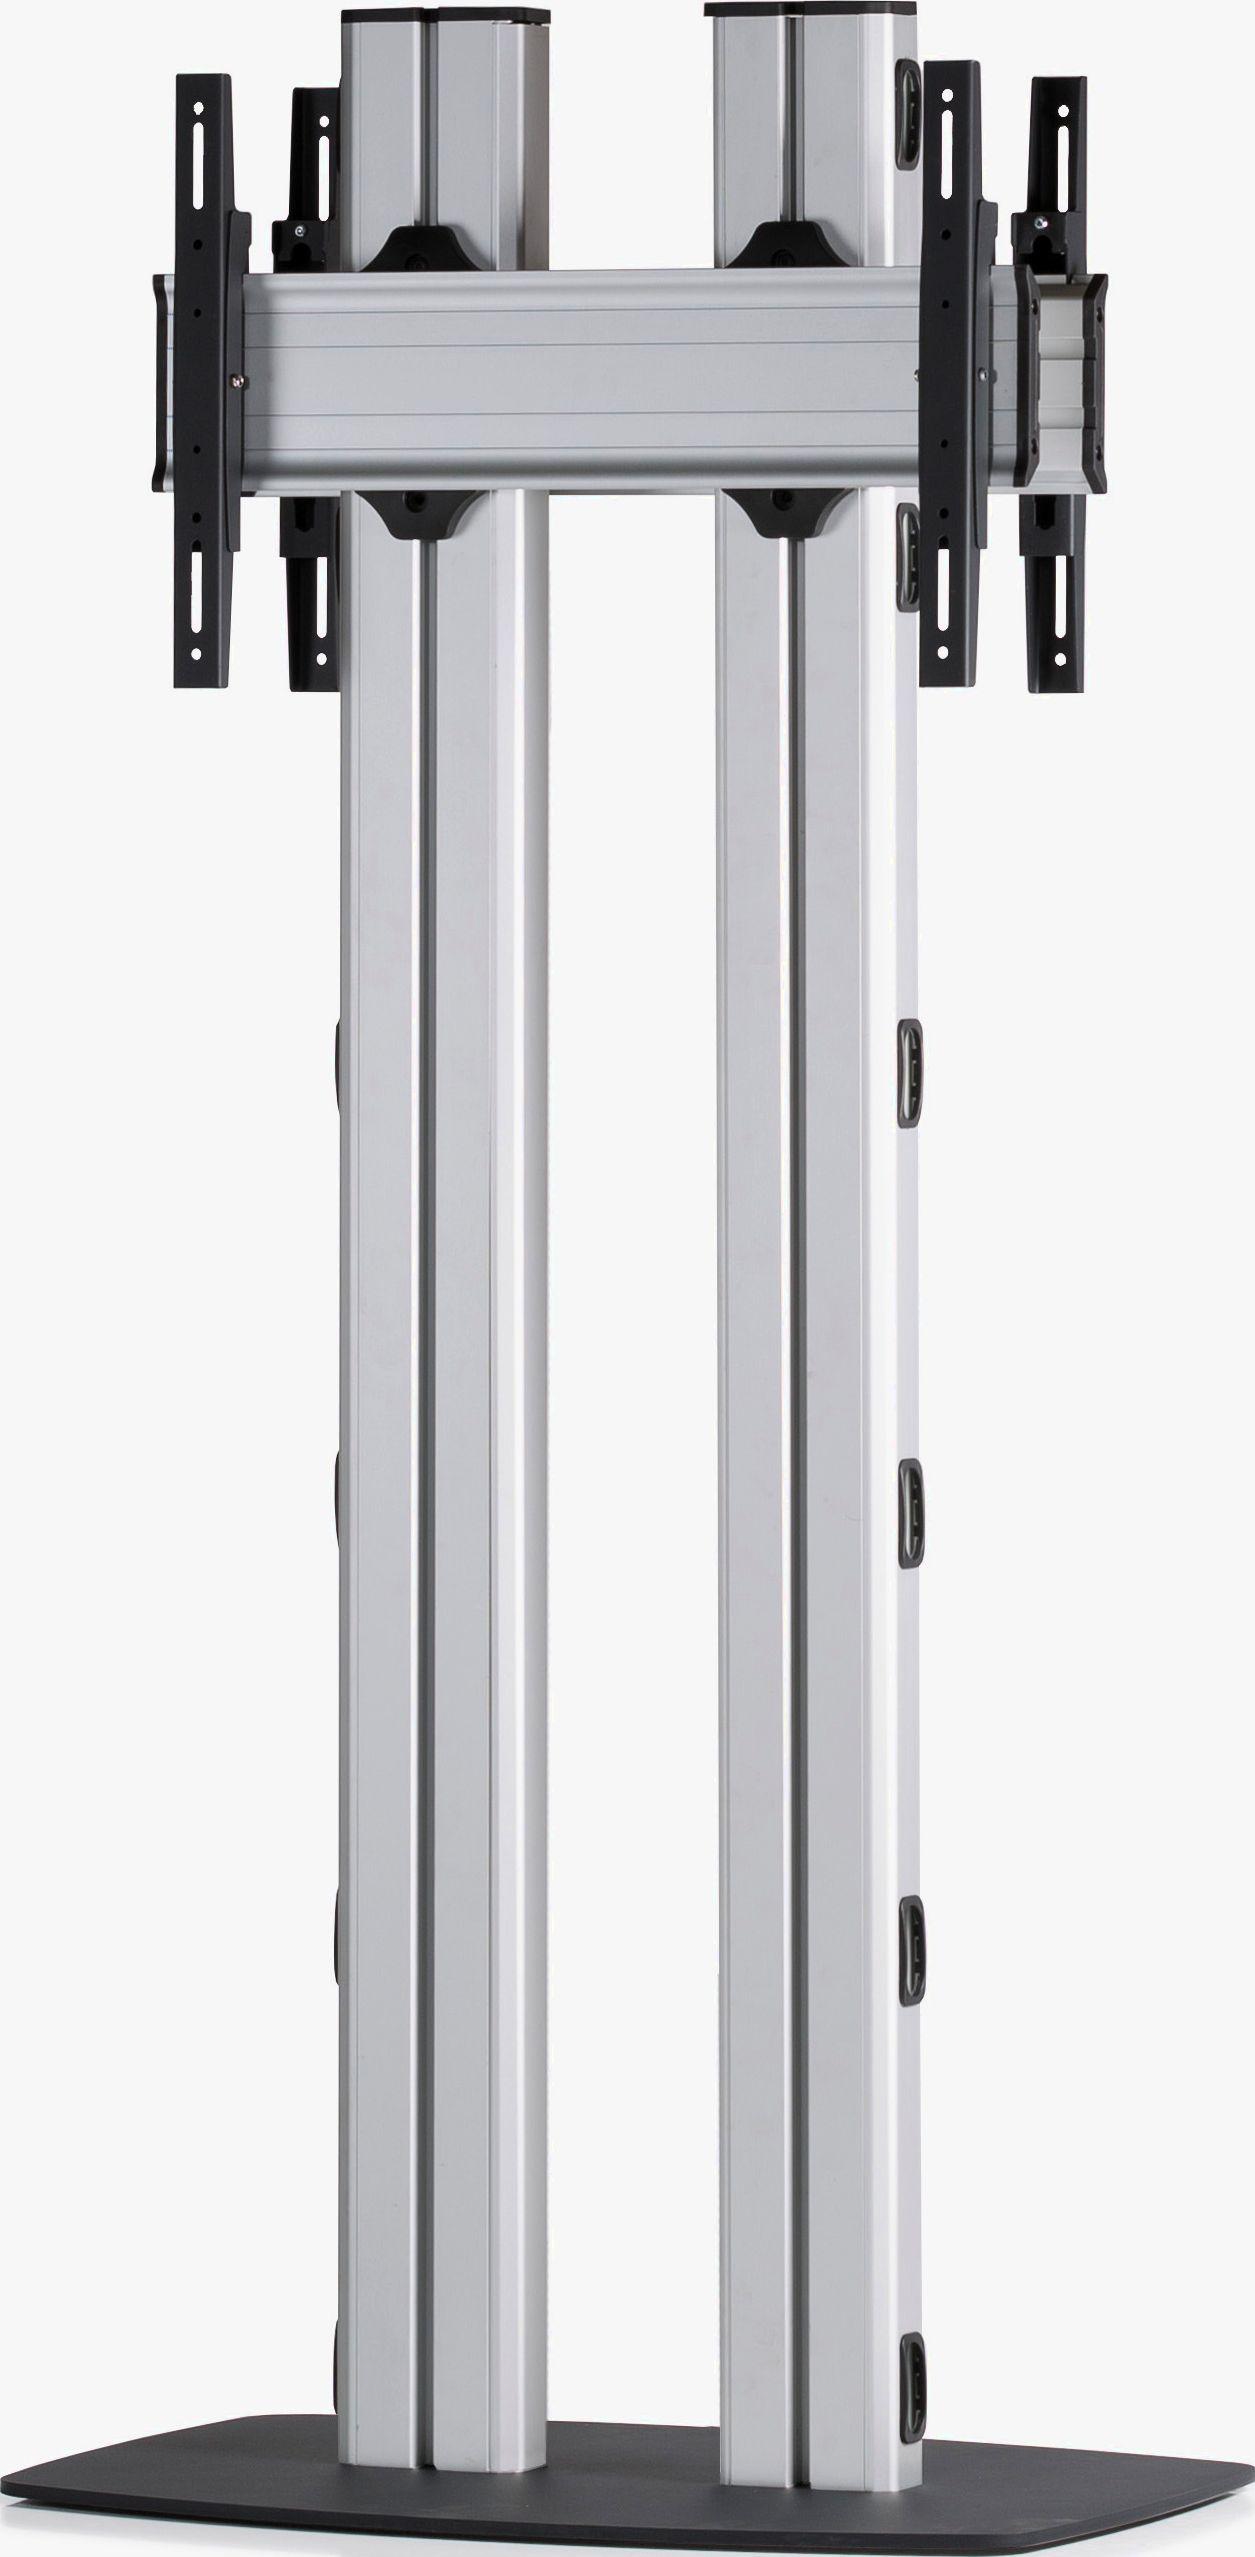 2 Displays 1×1 beidseitig, für große Bildschirme, Höhe 180 cm, Standard-VESA, mit Standfuß